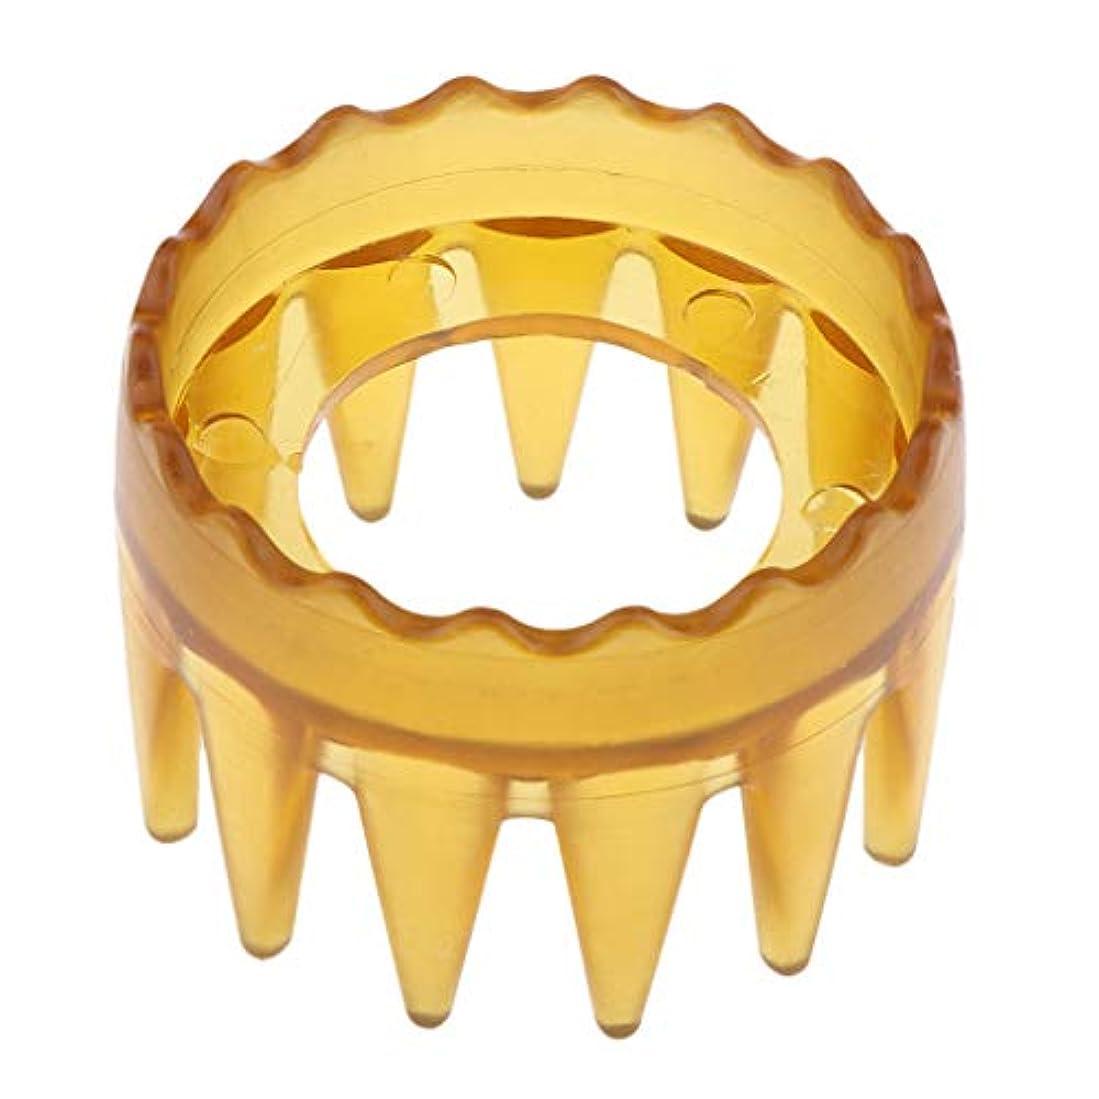 トリム私たち導出シャンプーブラシ 洗髪櫛 マッサージャー ヘアコーム ヘアブラシ プラスチック製 全4色 - 黄